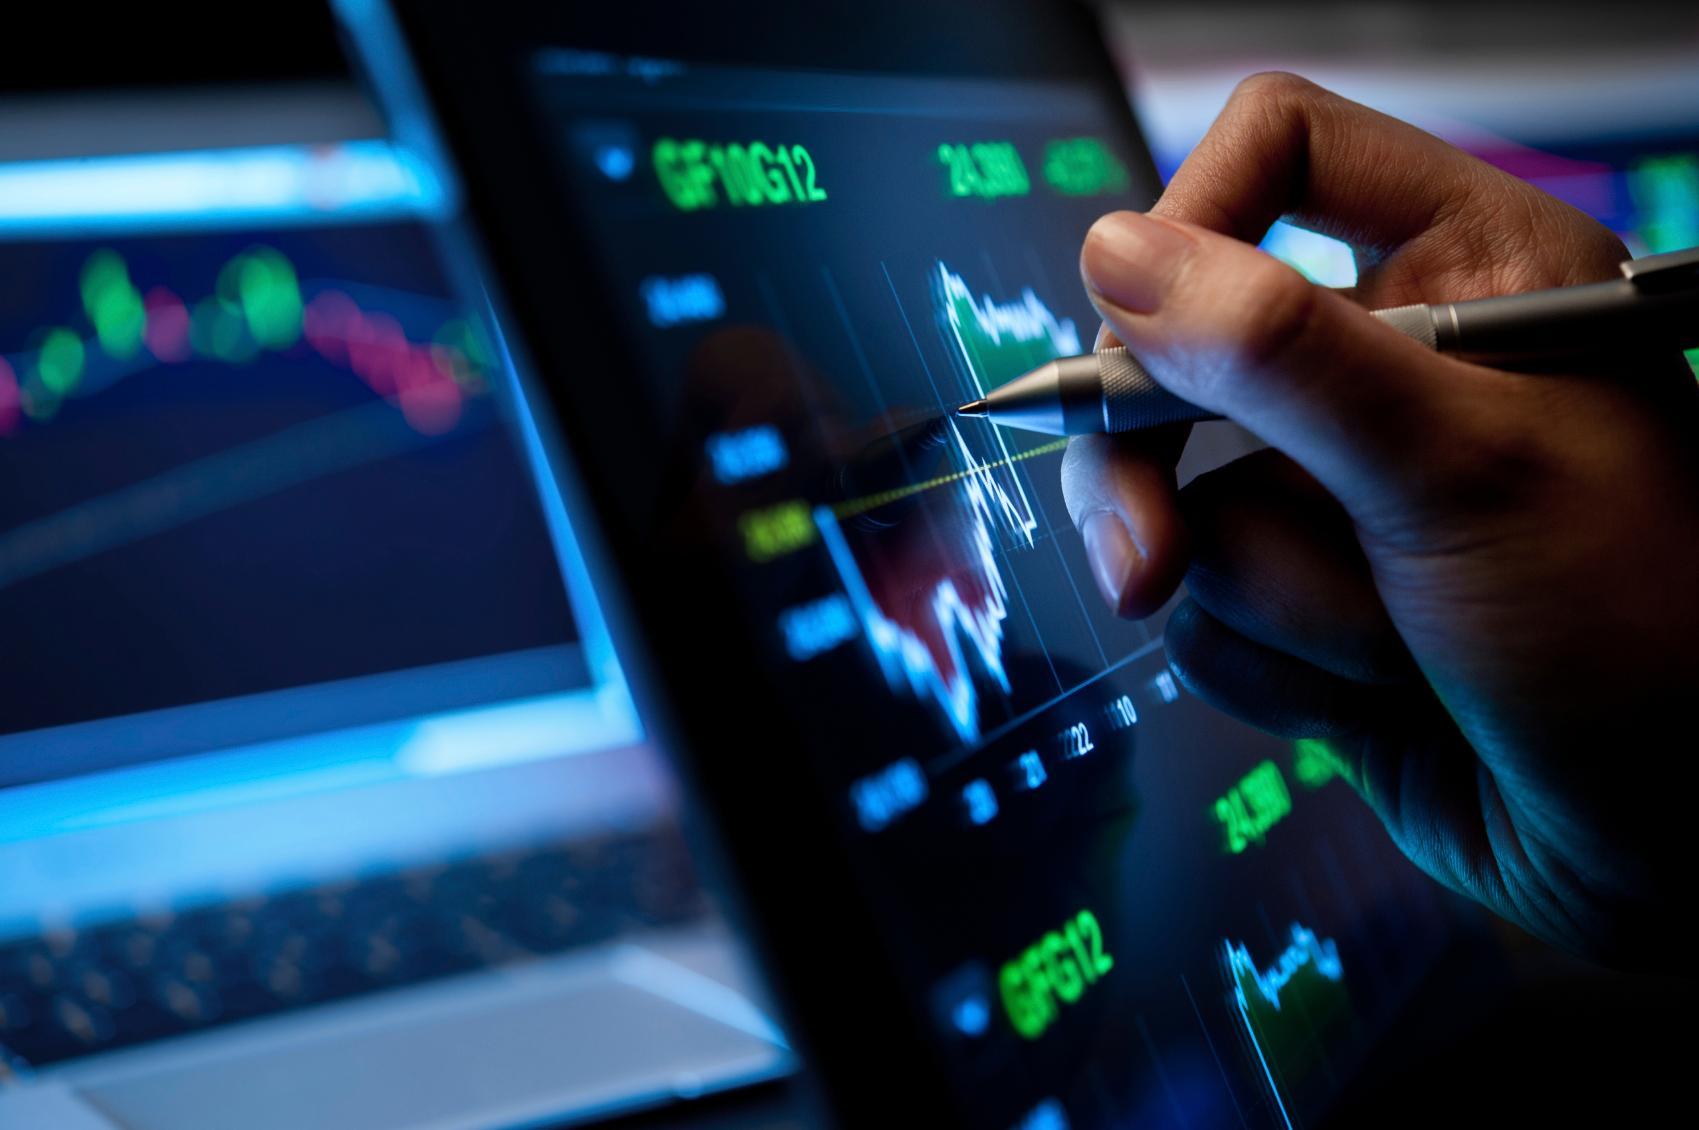 Отзывы торговля на бинарных биржах на чем можно заработать деньги в танках онлайн